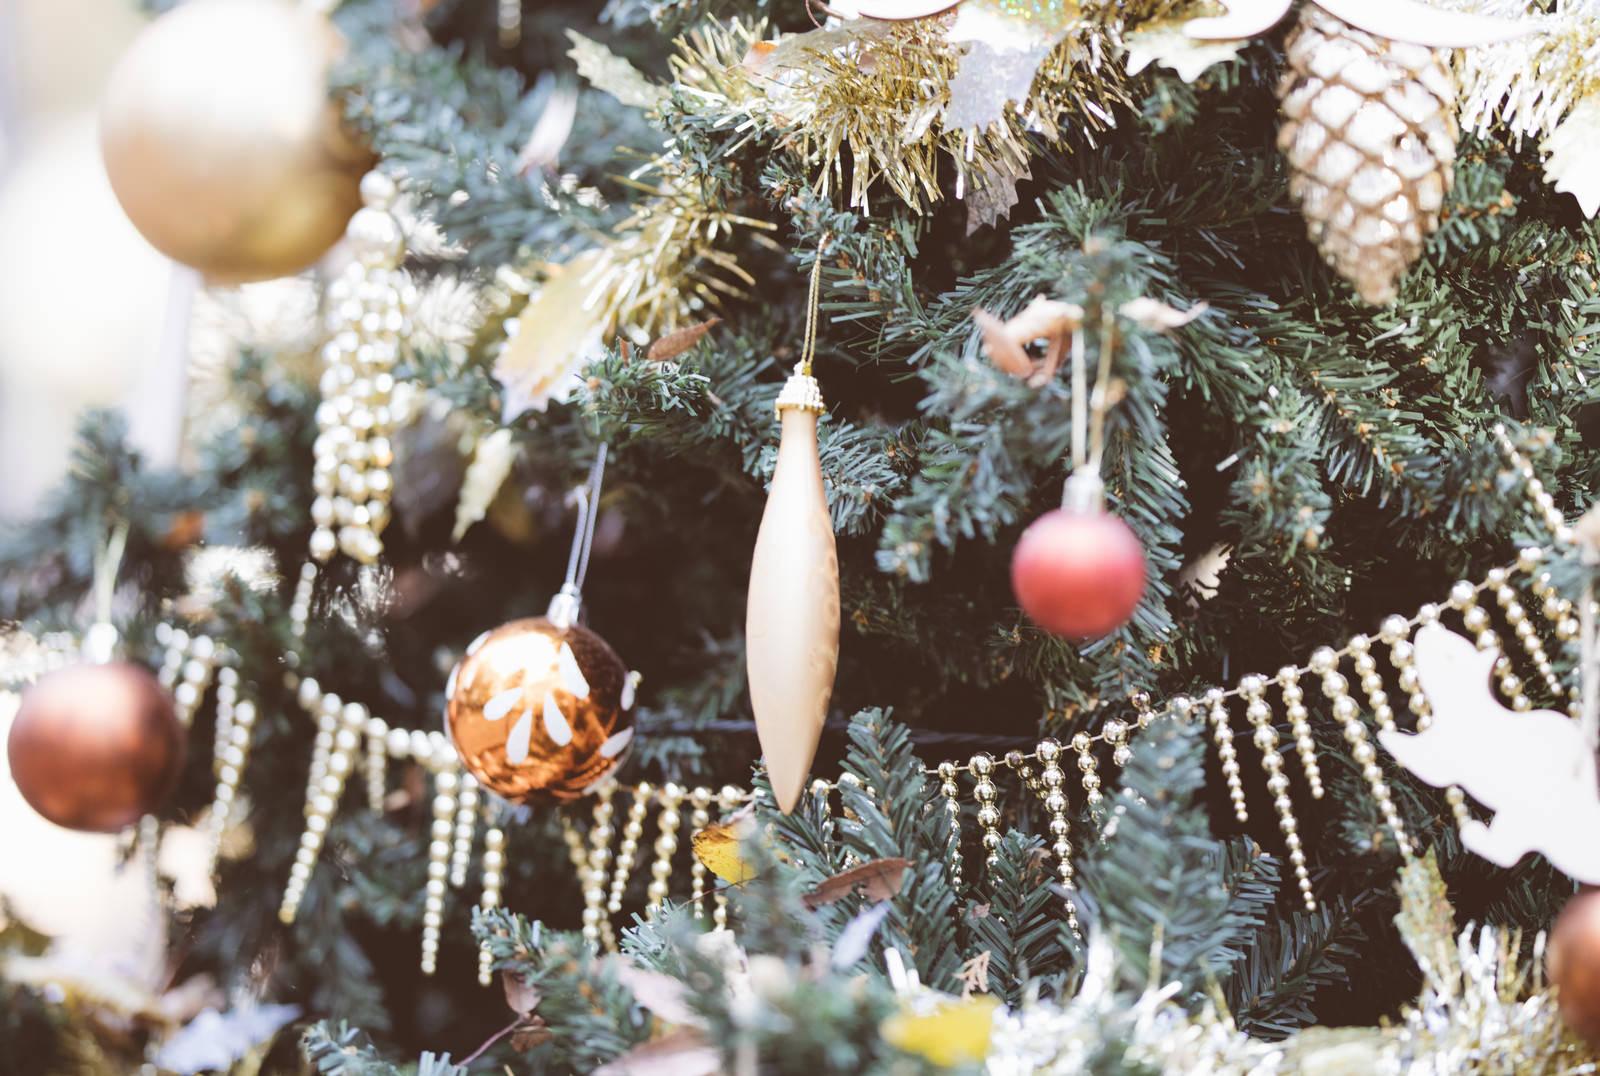 「クリスマスツリーの小さな飾り」の写真